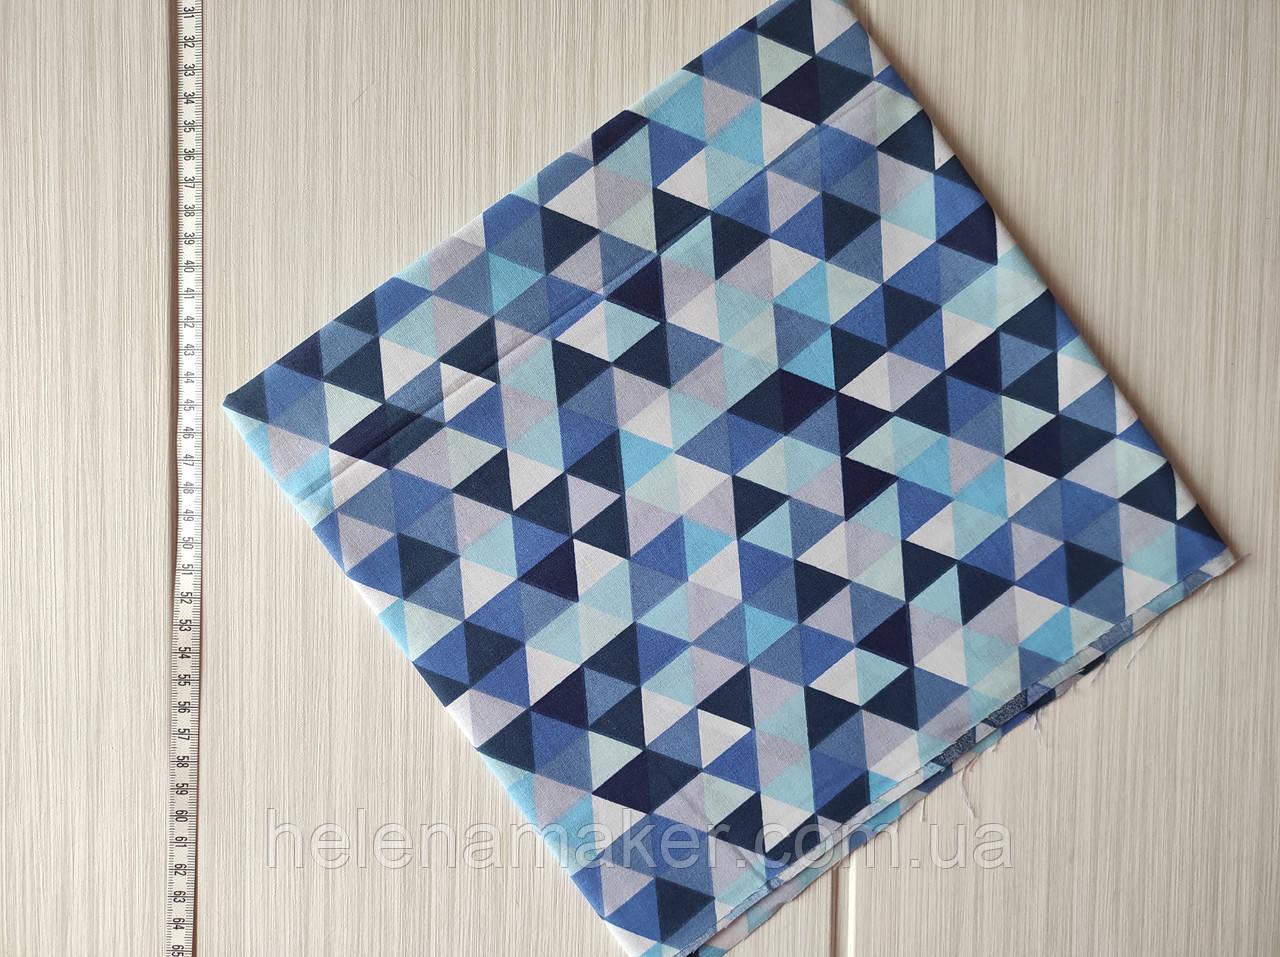 Отрез бязи Треугольники синих тонов. Размер 50*50 см